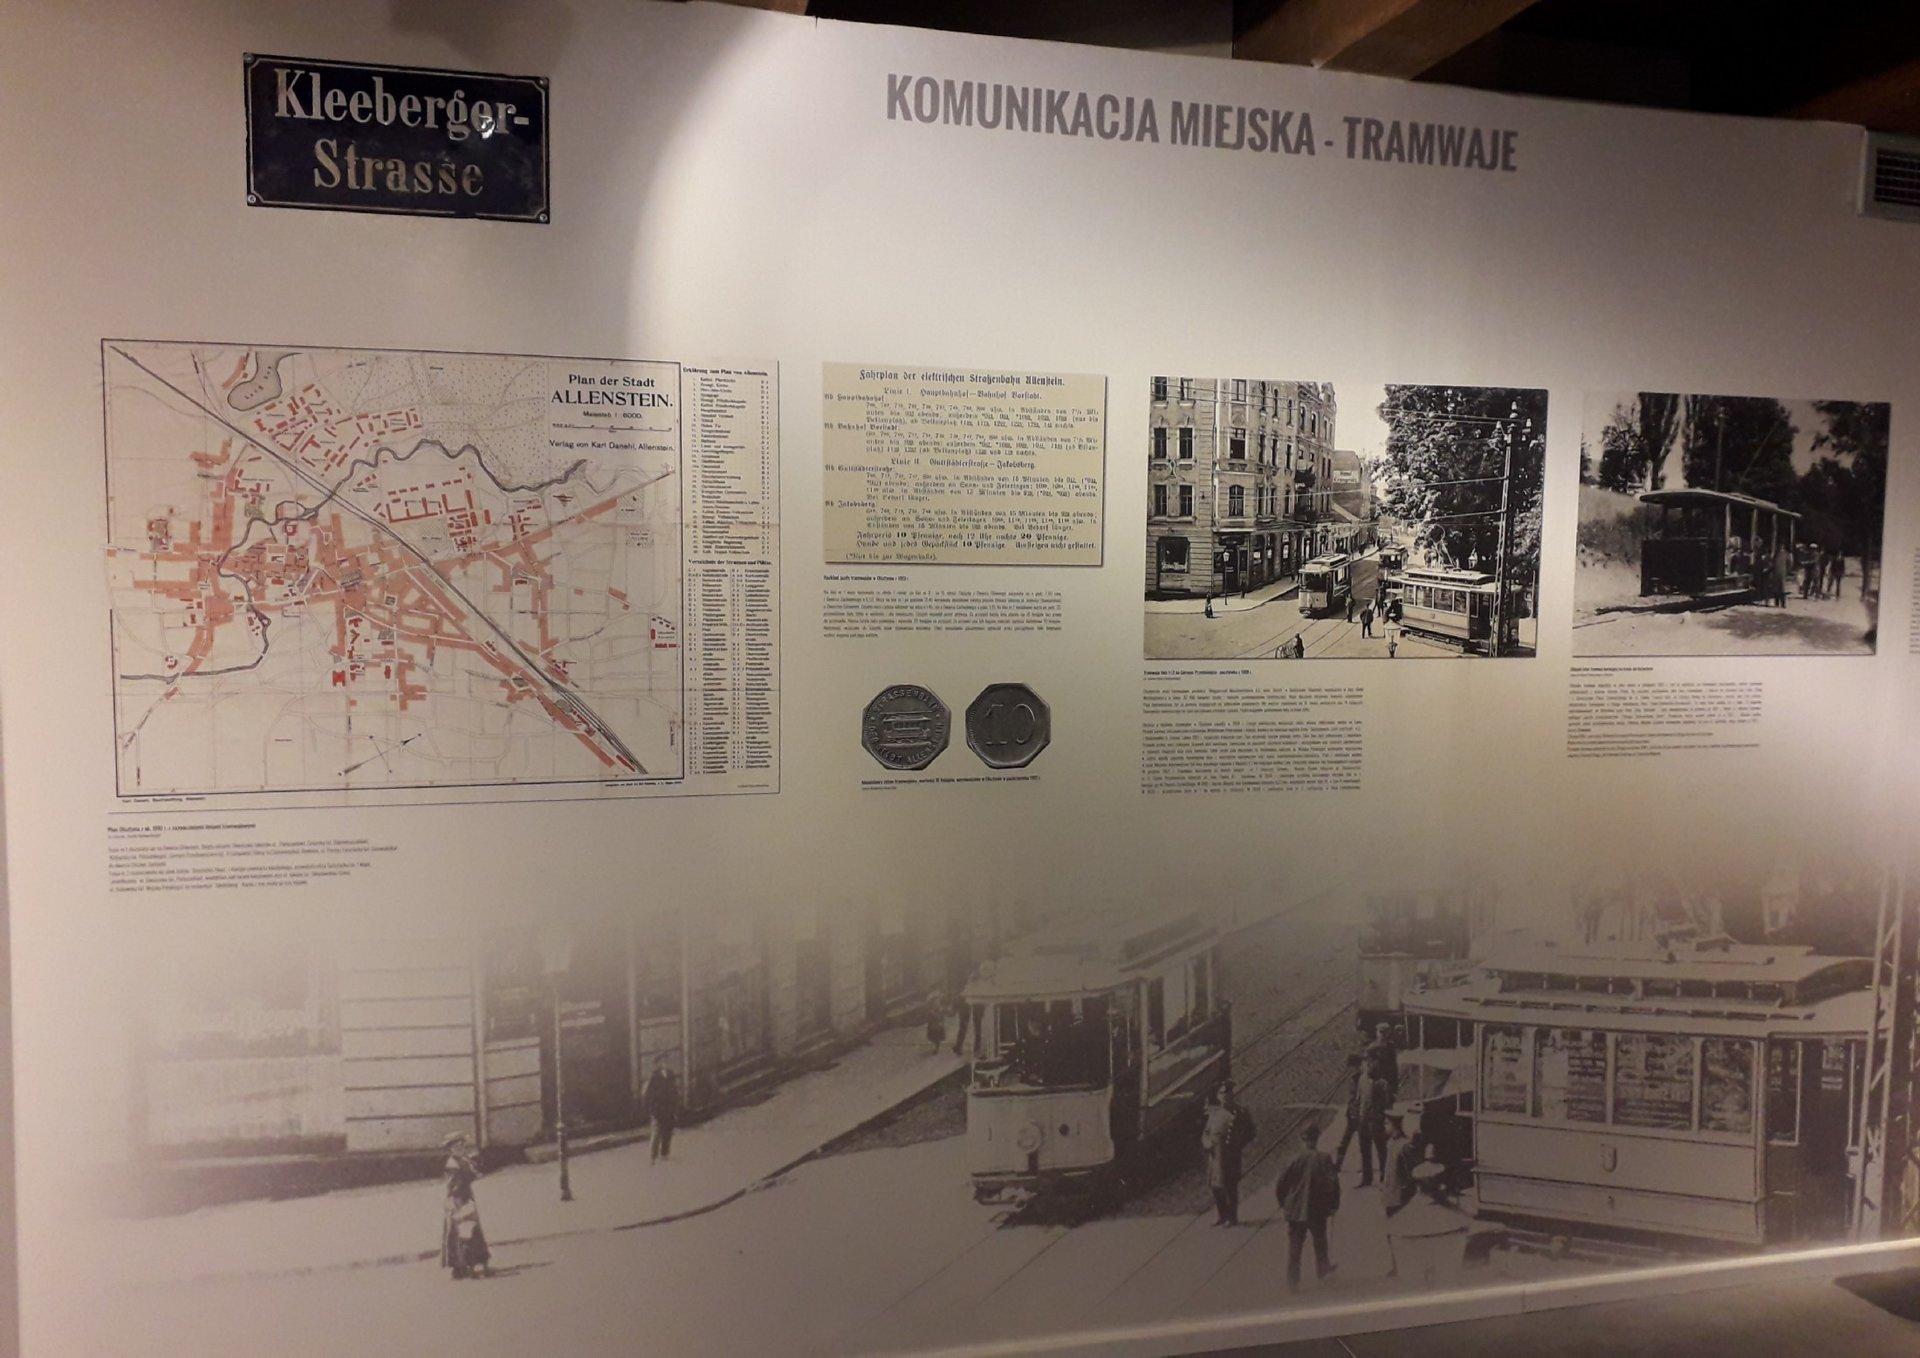 Muzeum Nowoczesności w Olsztynie - Komunikacja miejska - tramwaje.jpg